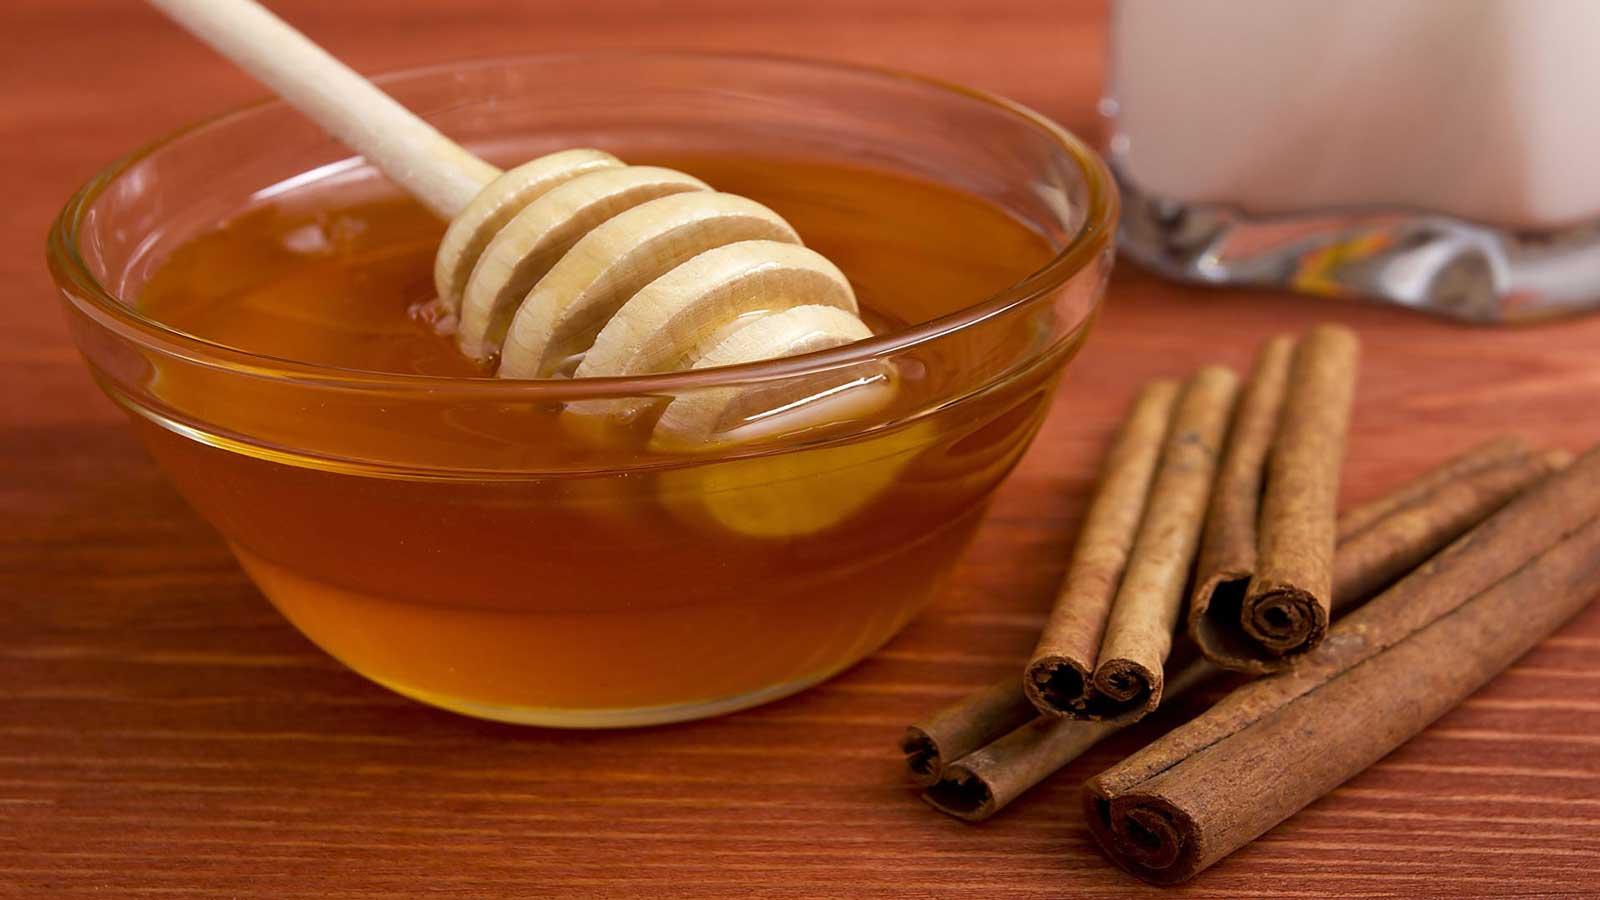 Bienfaits pour la santé du miel et de la cannelle